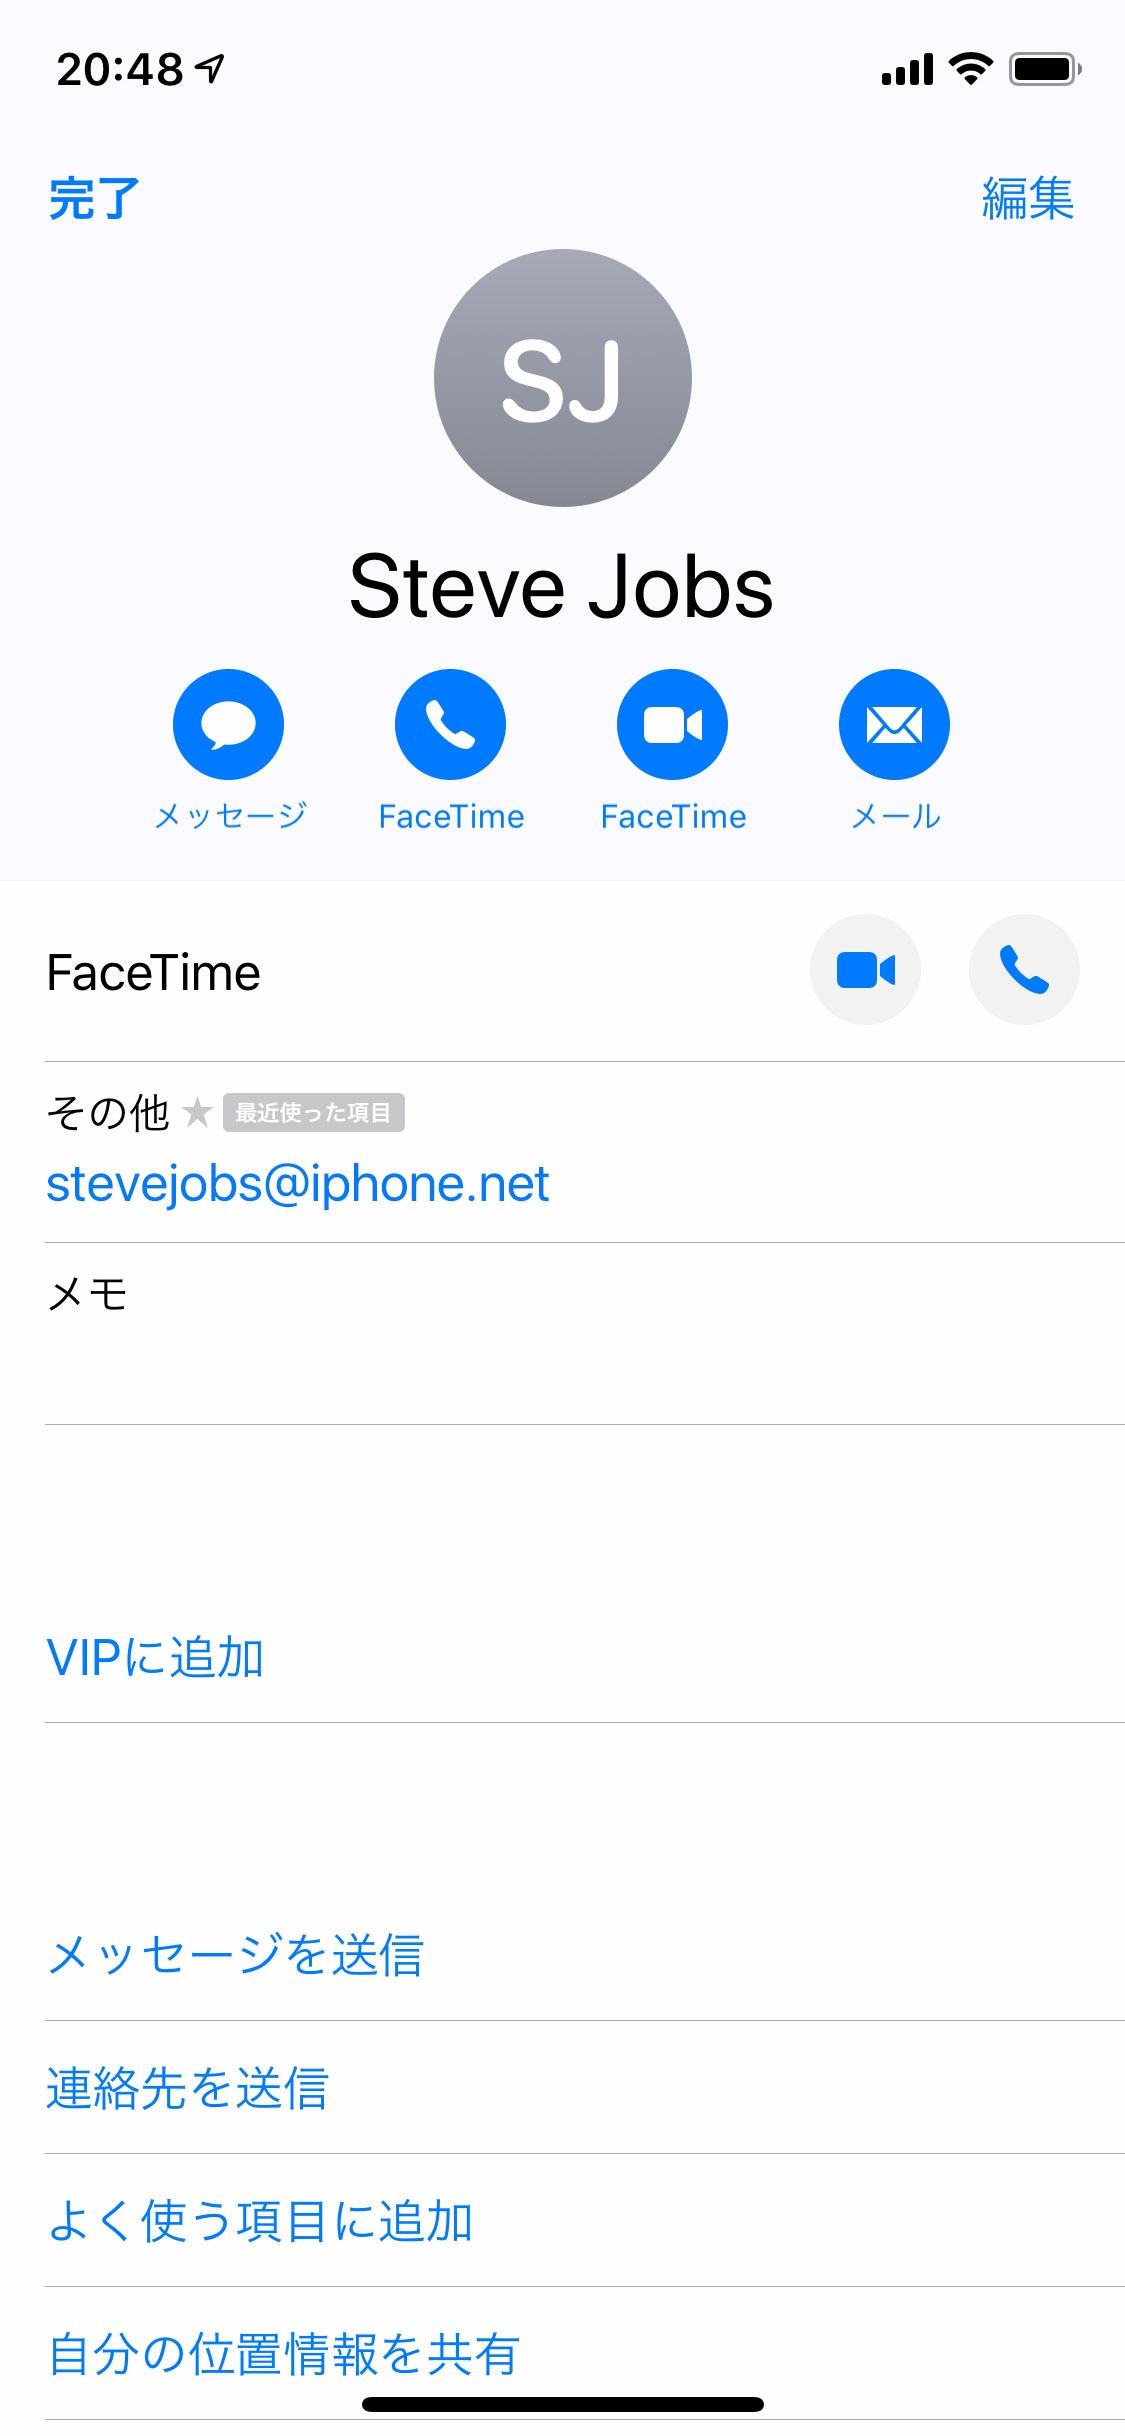 「メール」アプリで受信したメールの「差出人」をタップし、表示された画面で「VIPに追加」をタップする